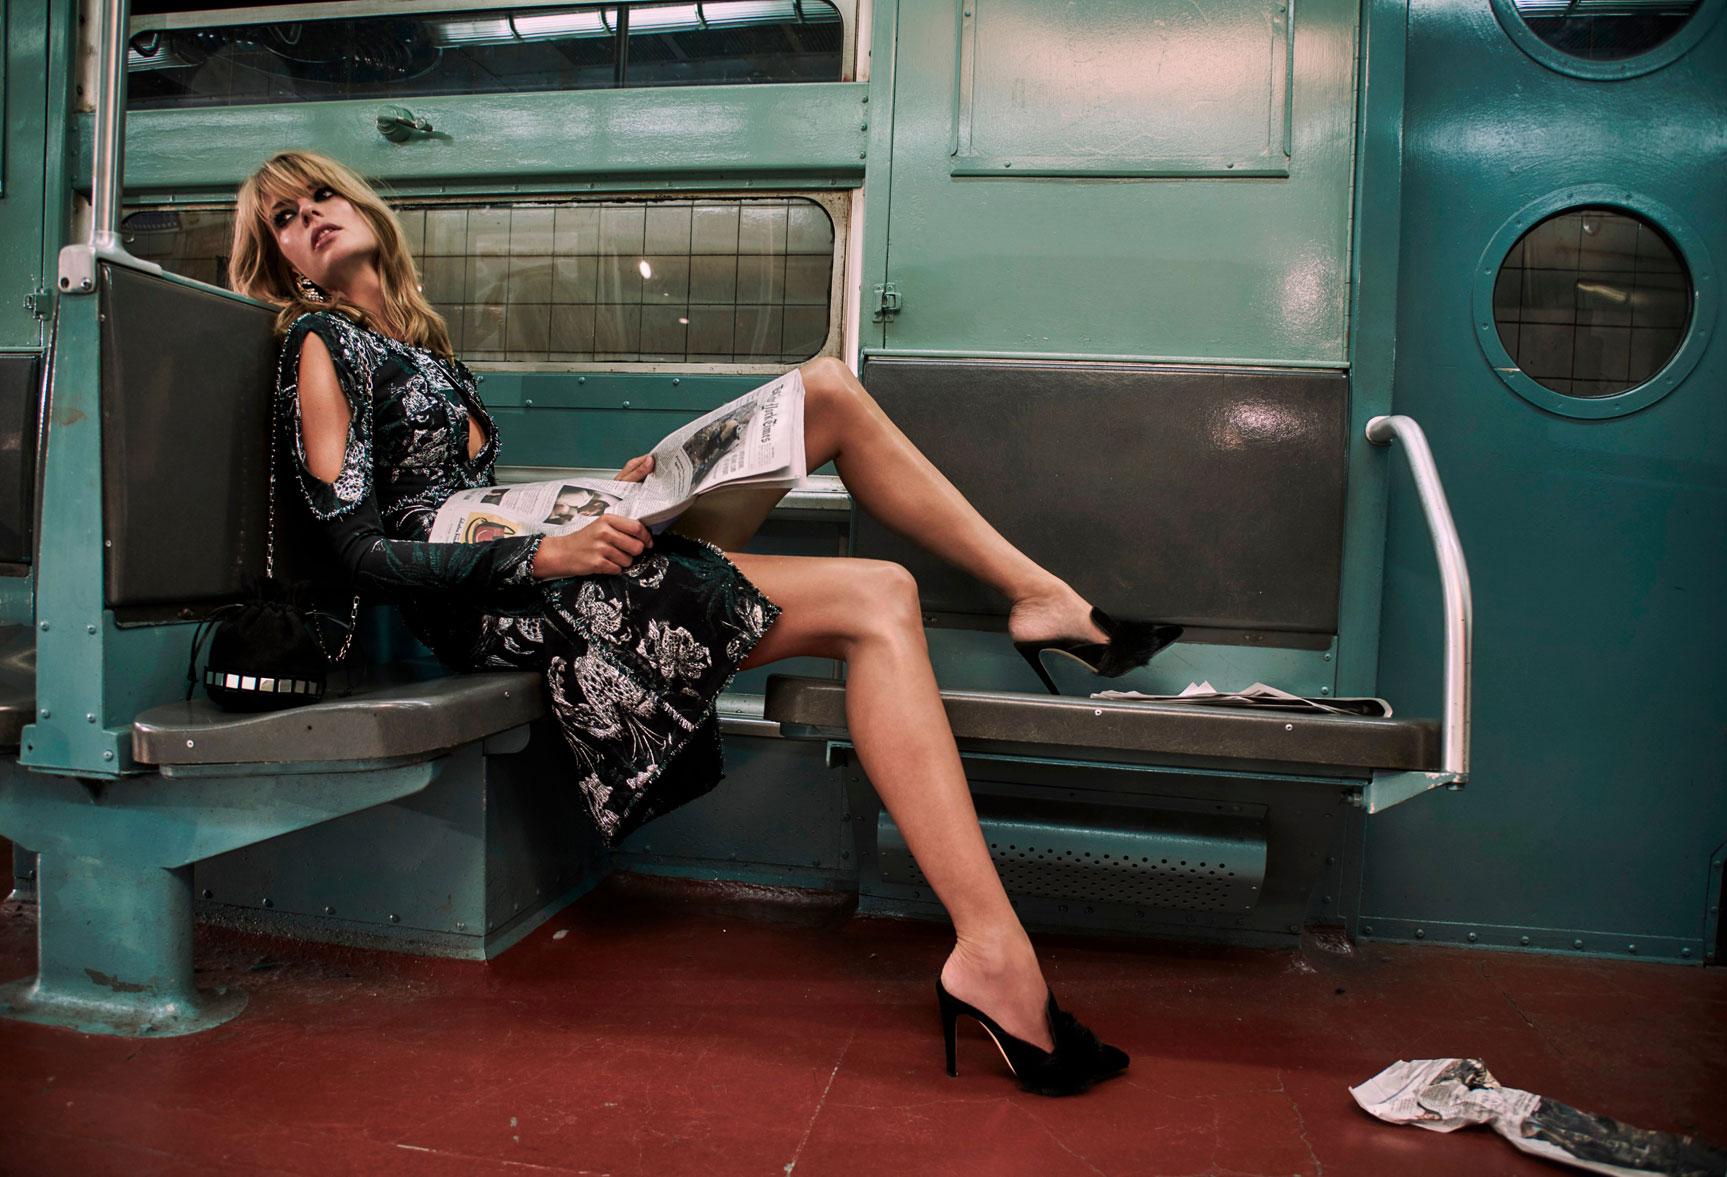 нью-йоркское метро с Джулией Стегнер / Julia Stegner by Chris Colls - The Edit october 2016